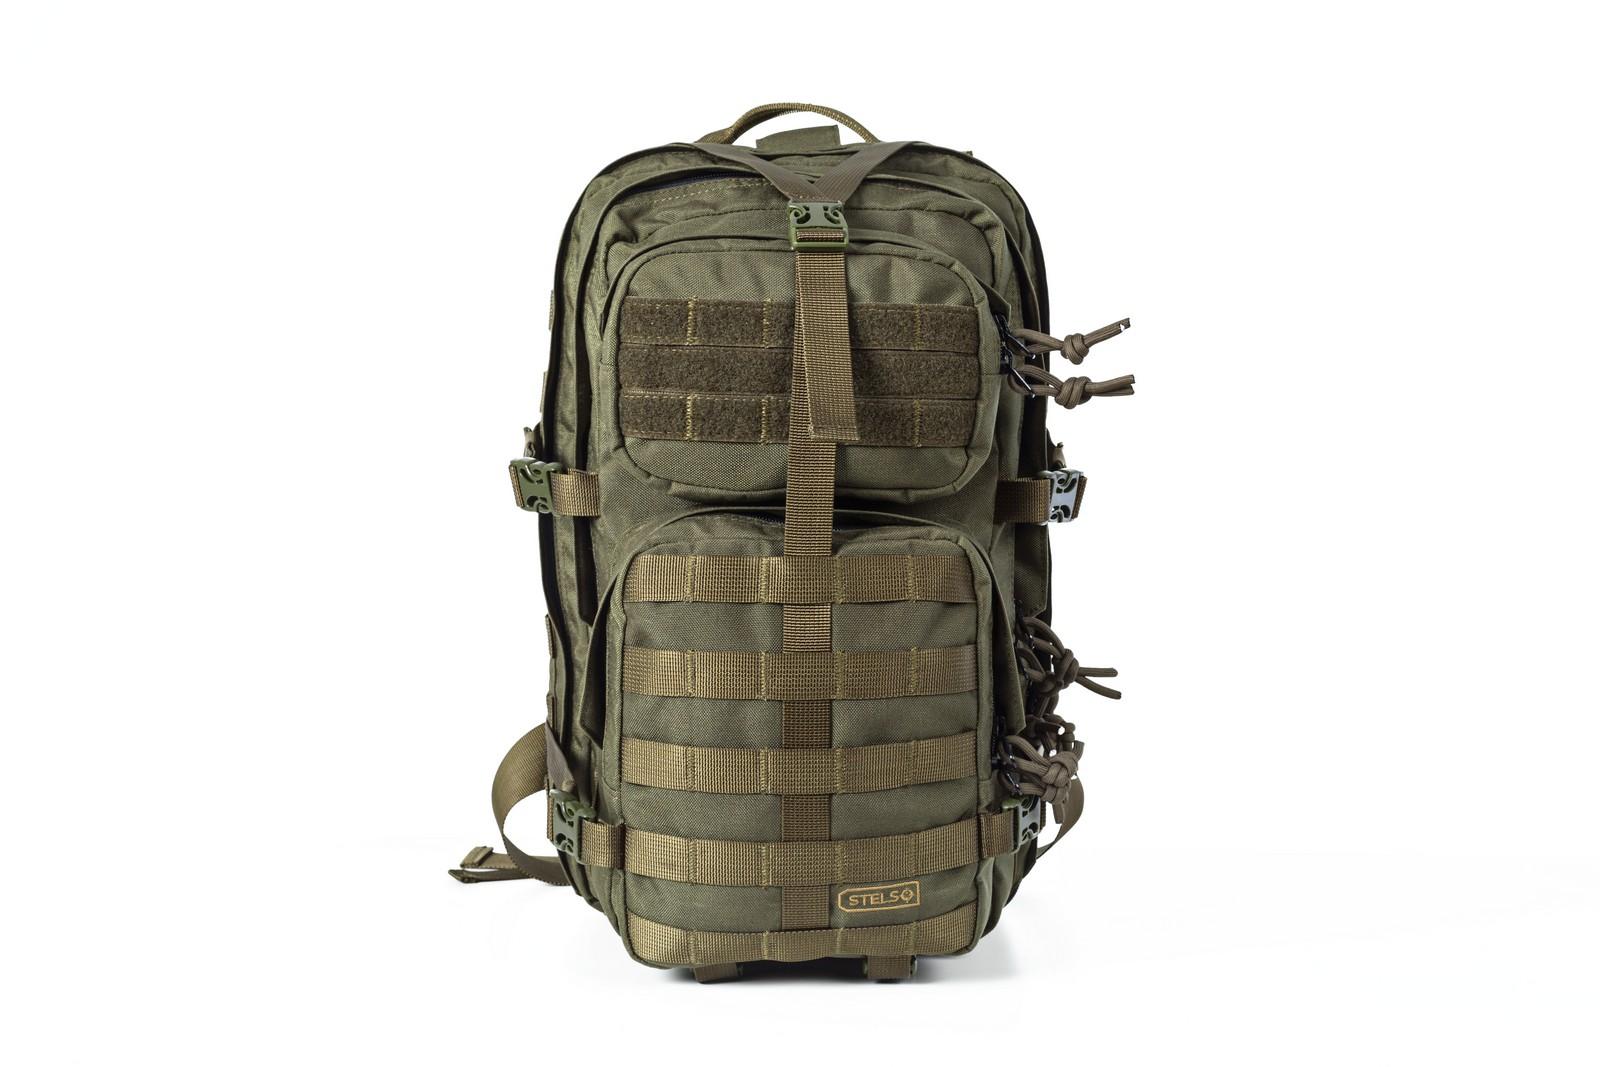 Рюкзак стелсо рюкзак для перевозки собак купить